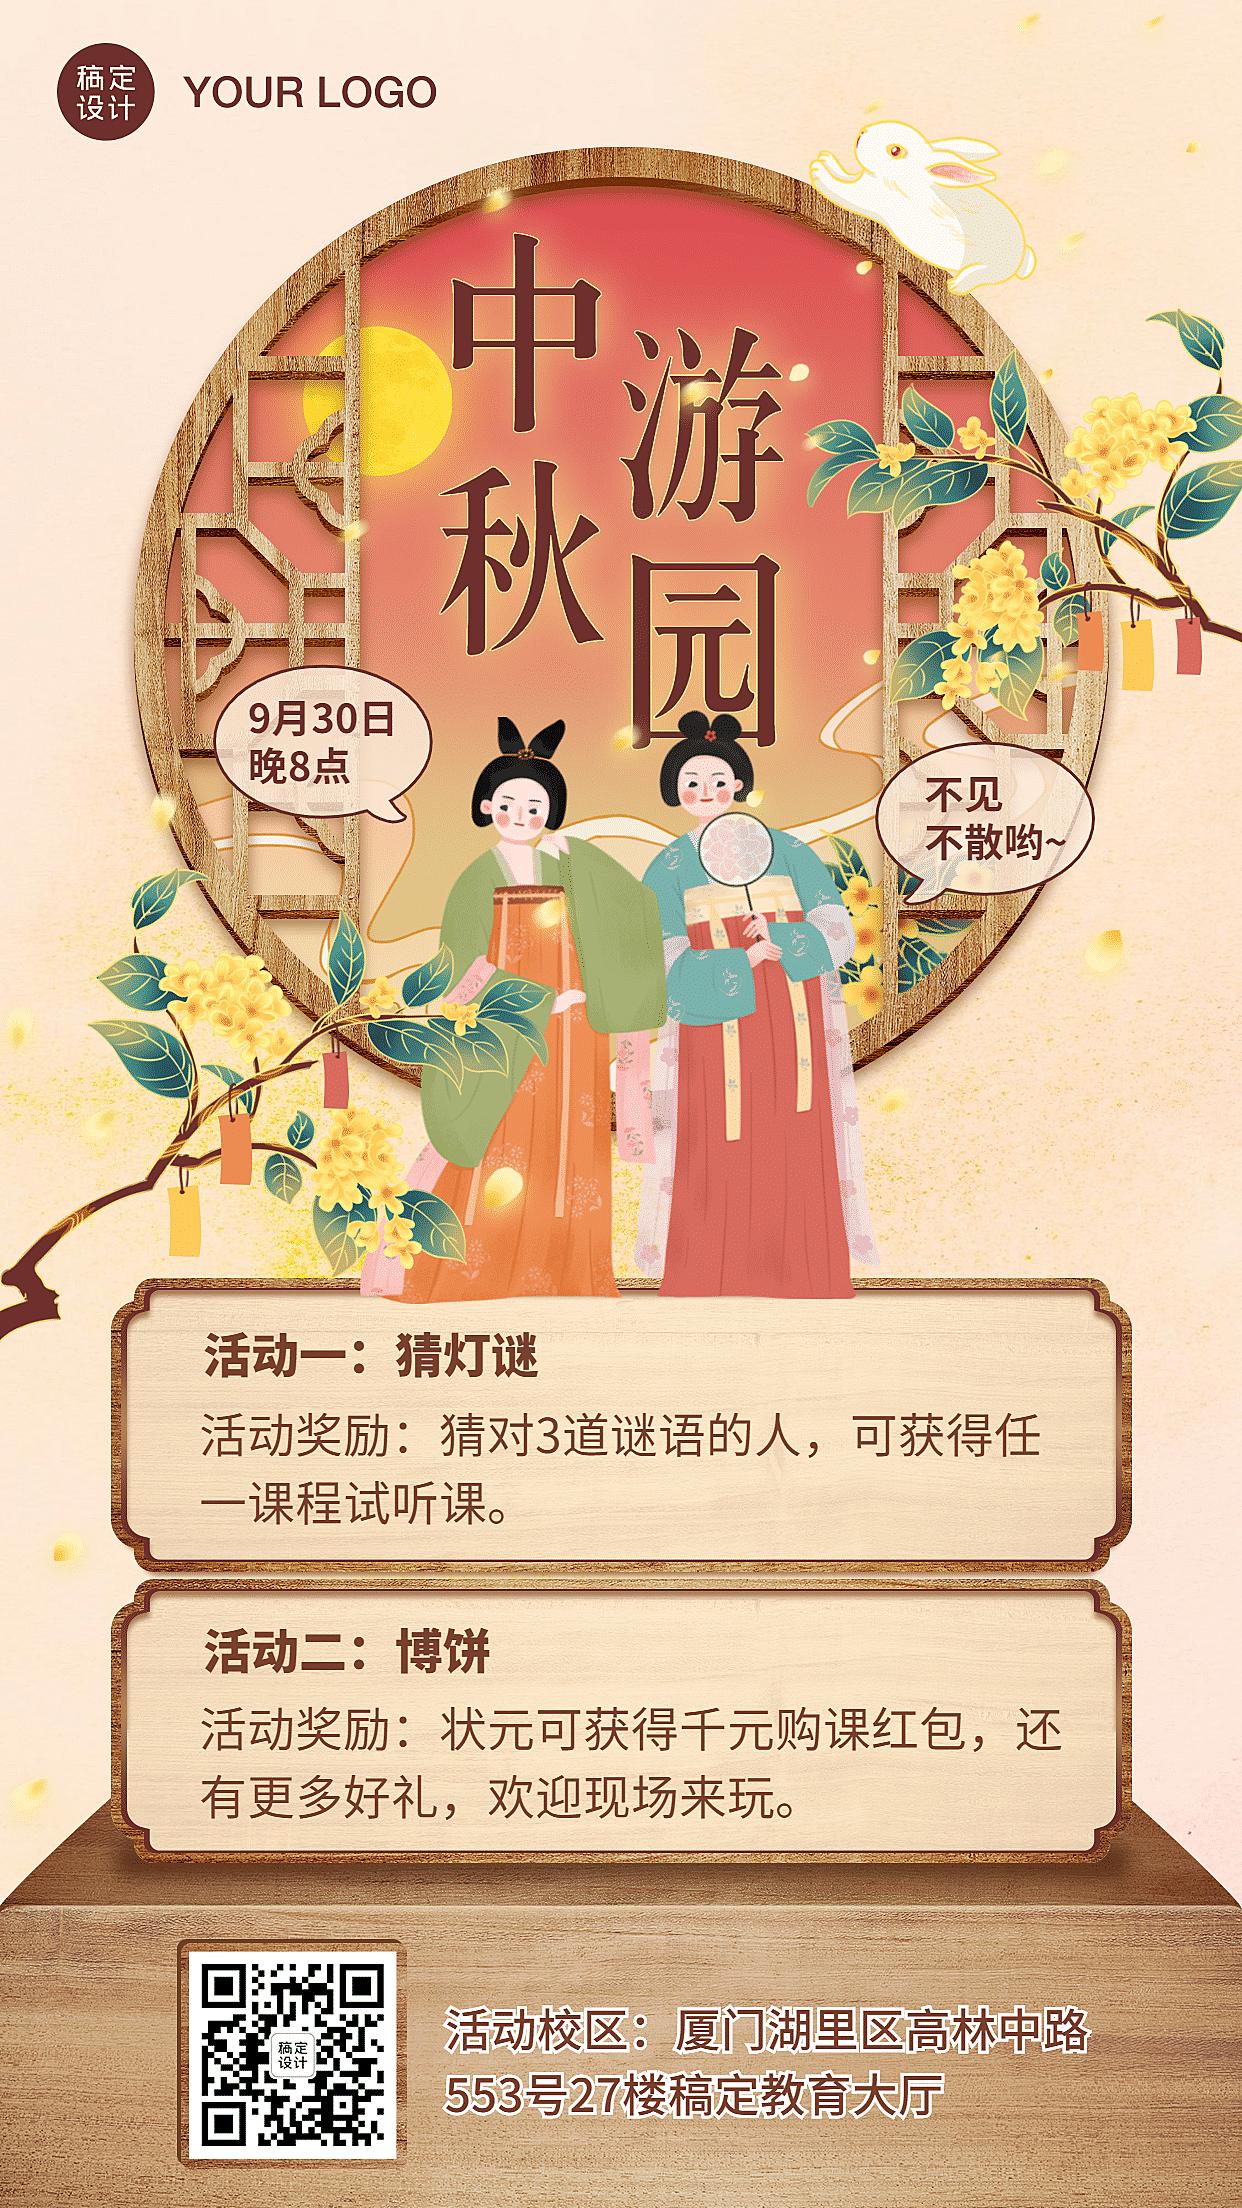 中秋节游园博饼活动手绘手机海报